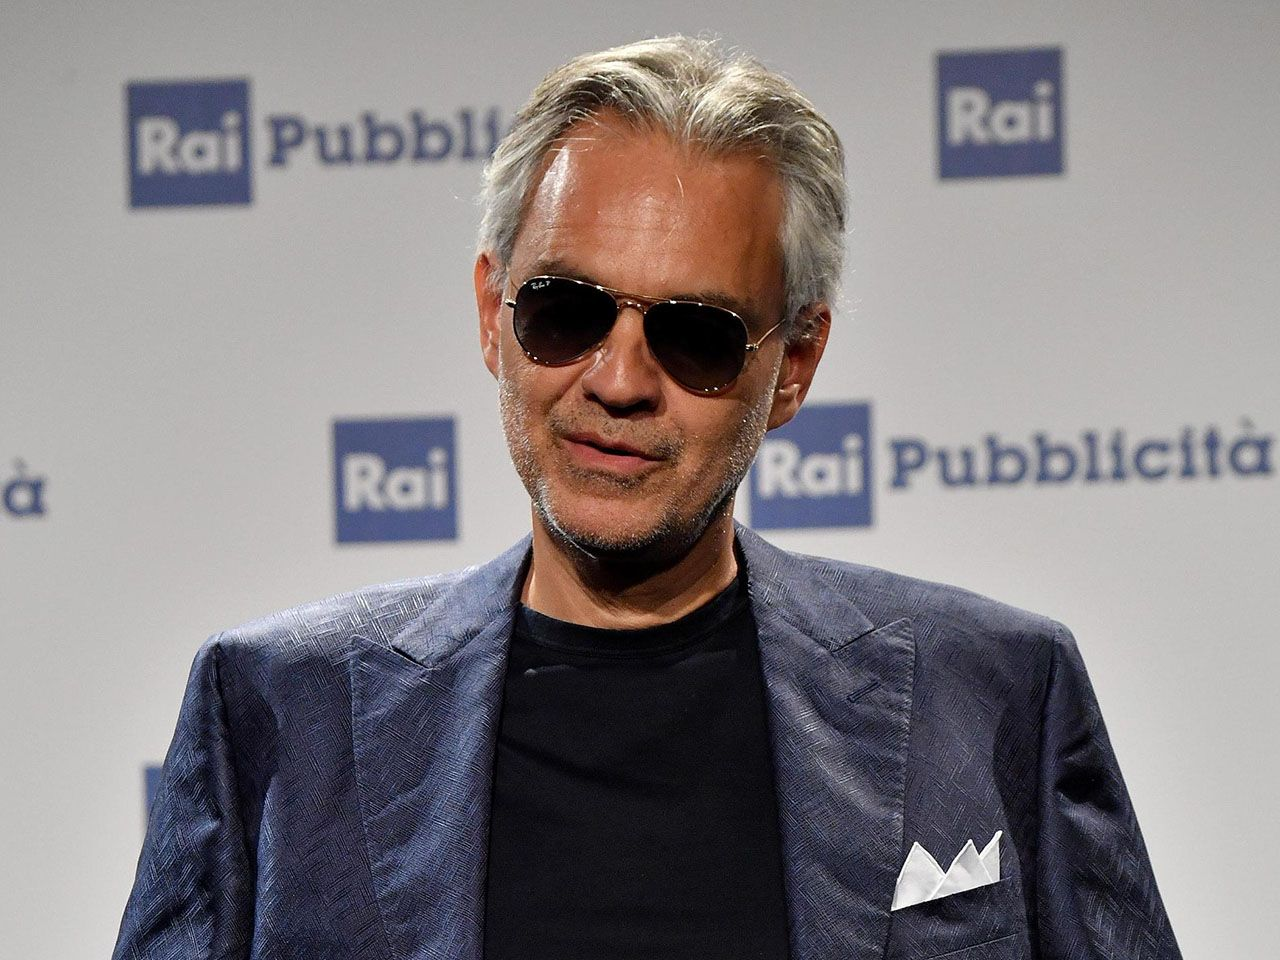 Andrea Bocelli avvocato